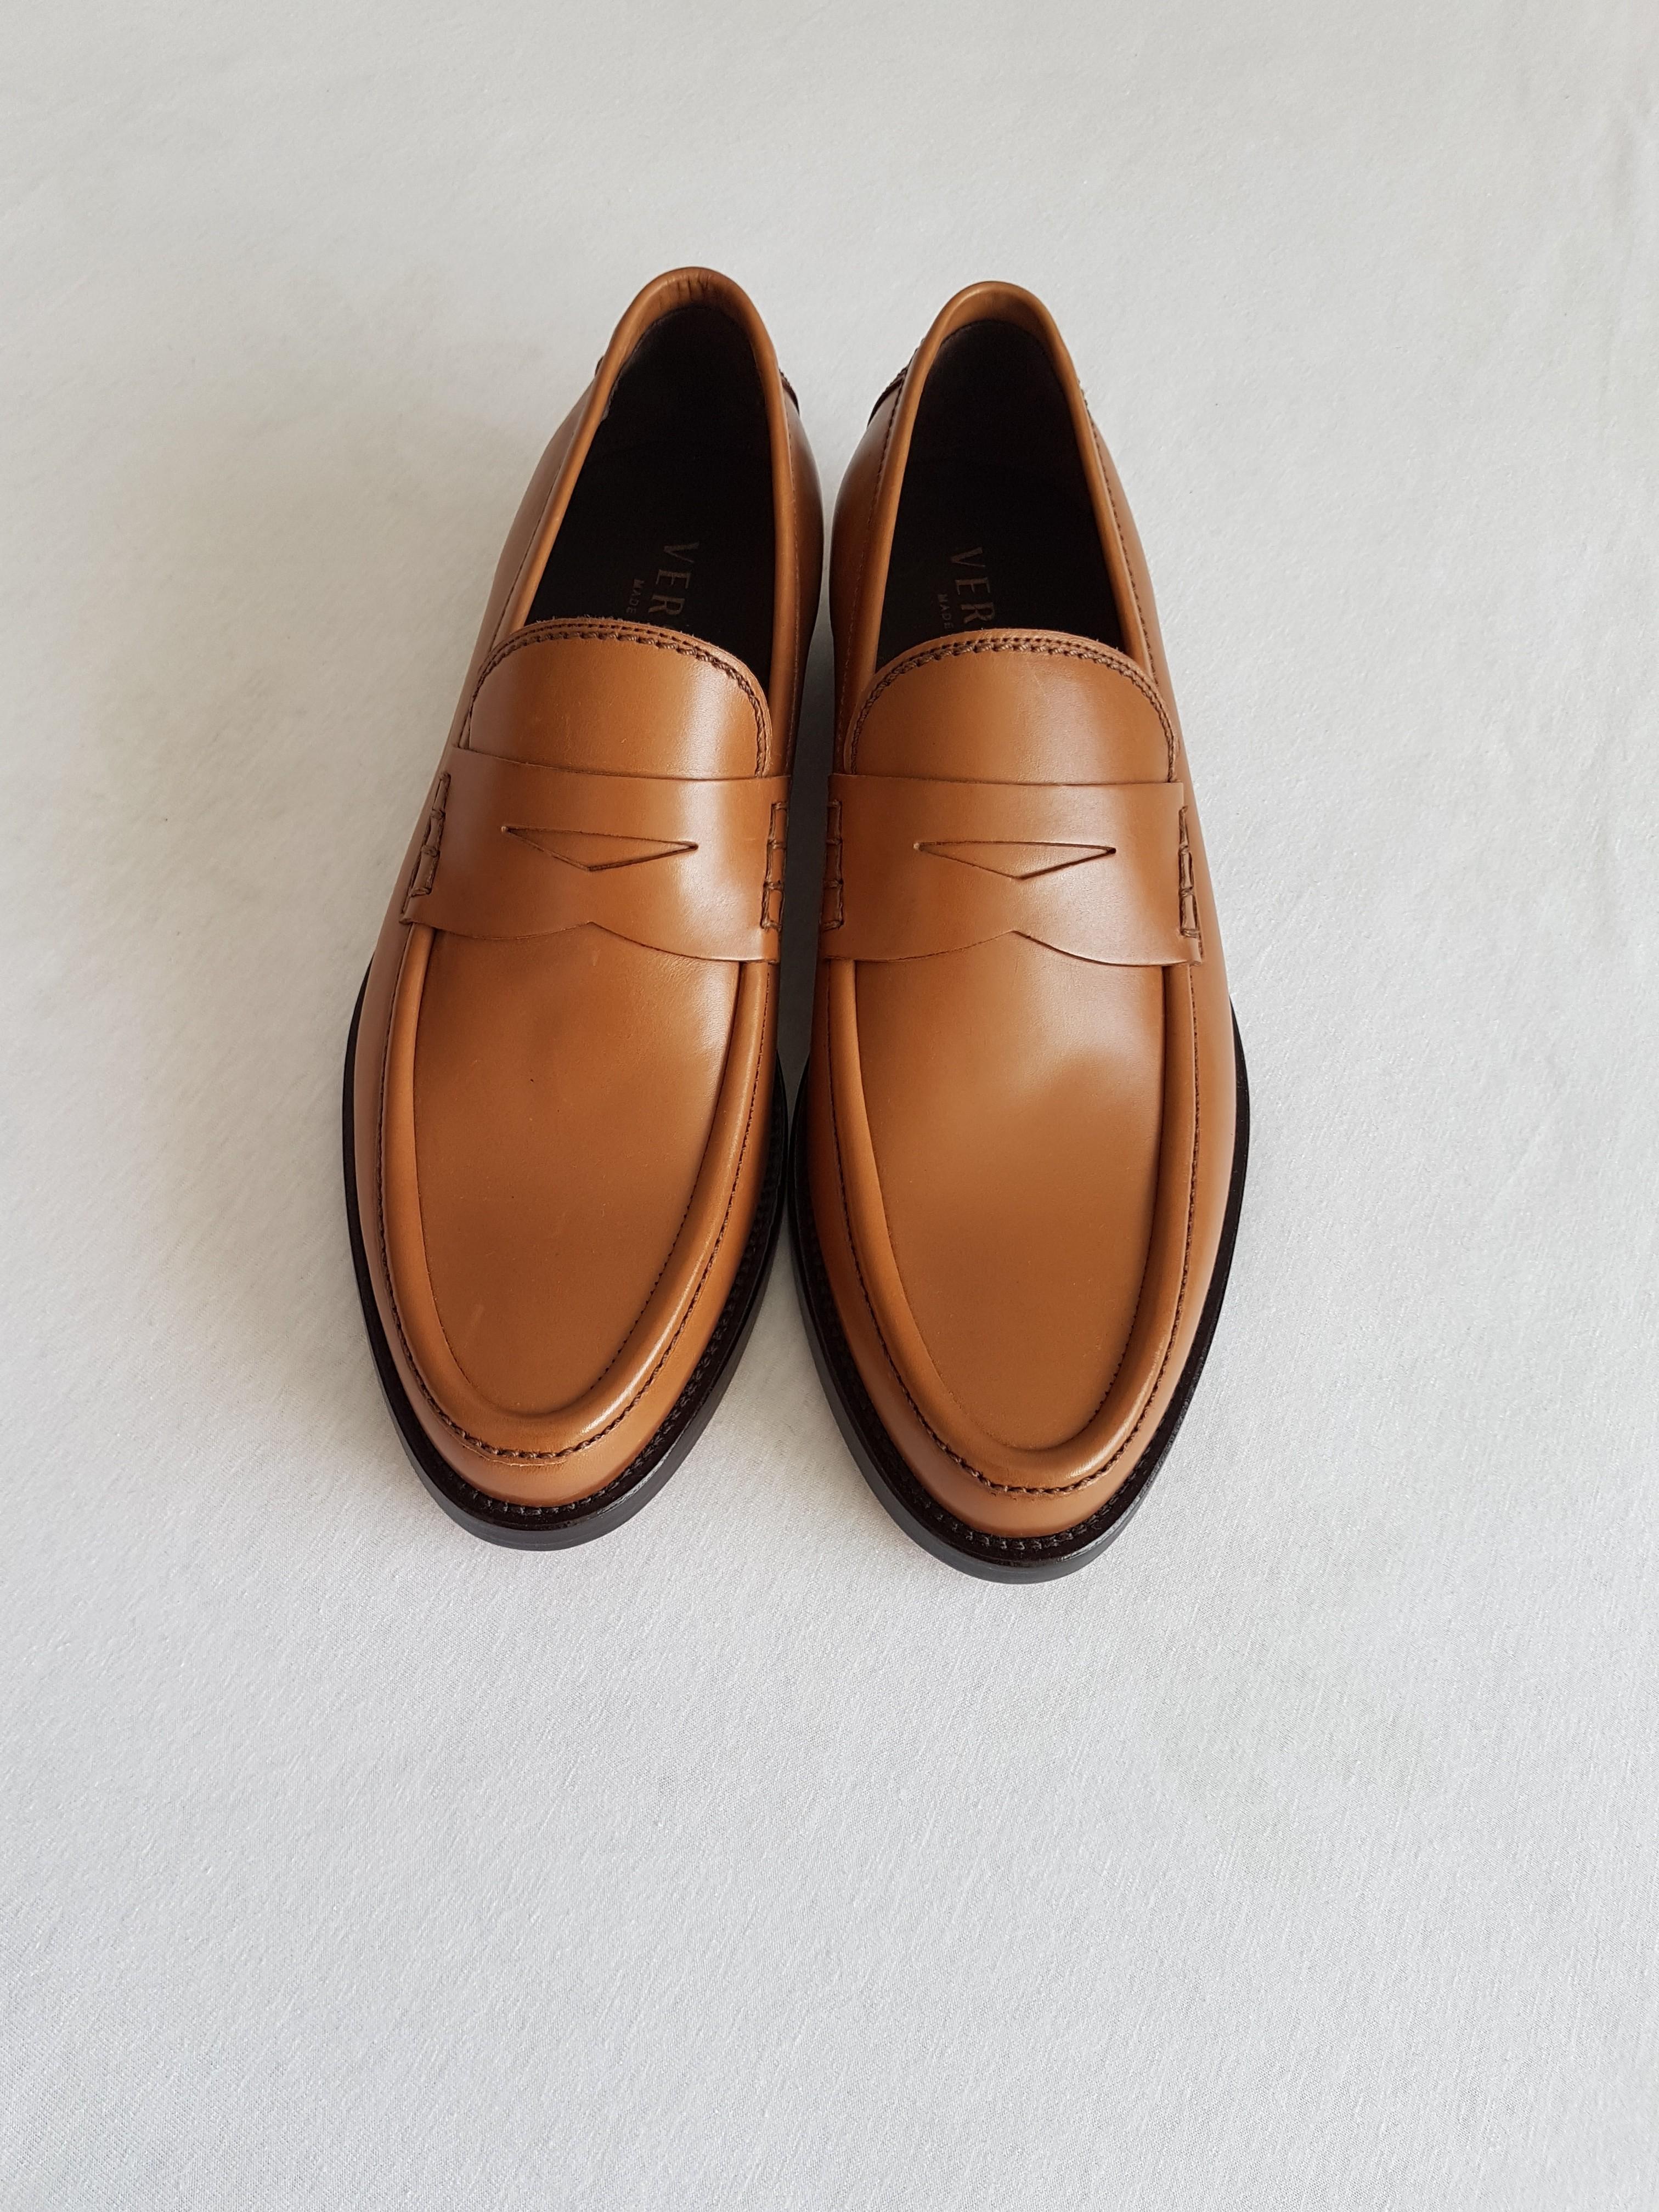 5f97a17a1cbf Chaussures - elg4mode.com